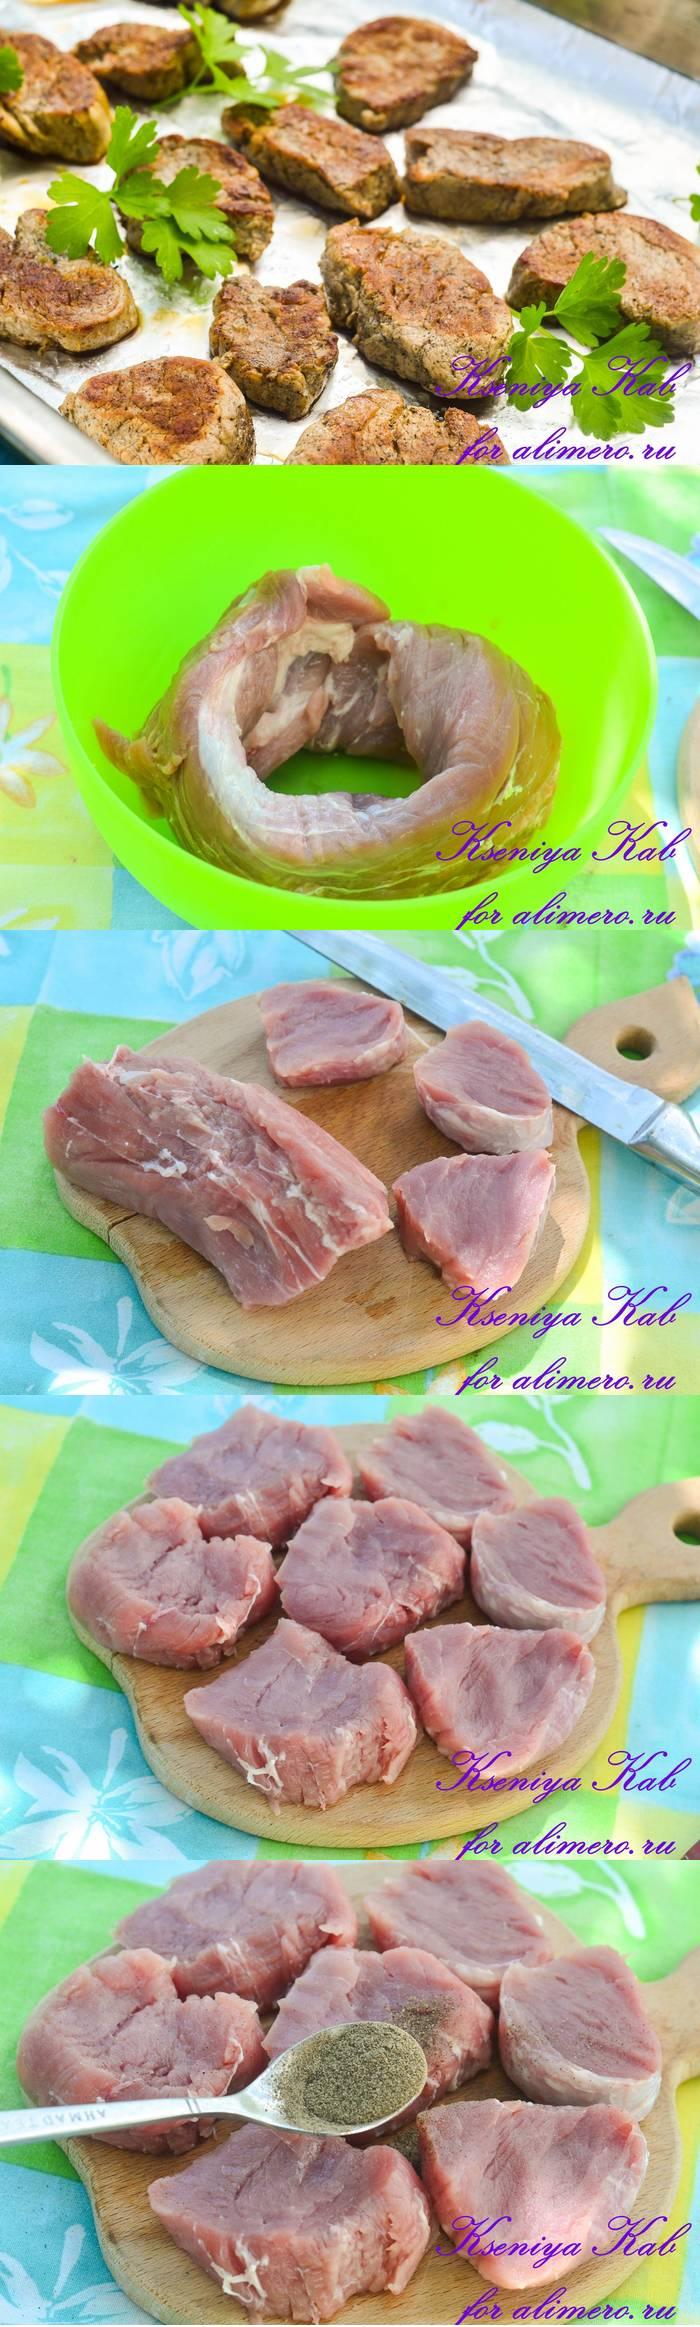 Медальоны свиные рецепт пошагово в